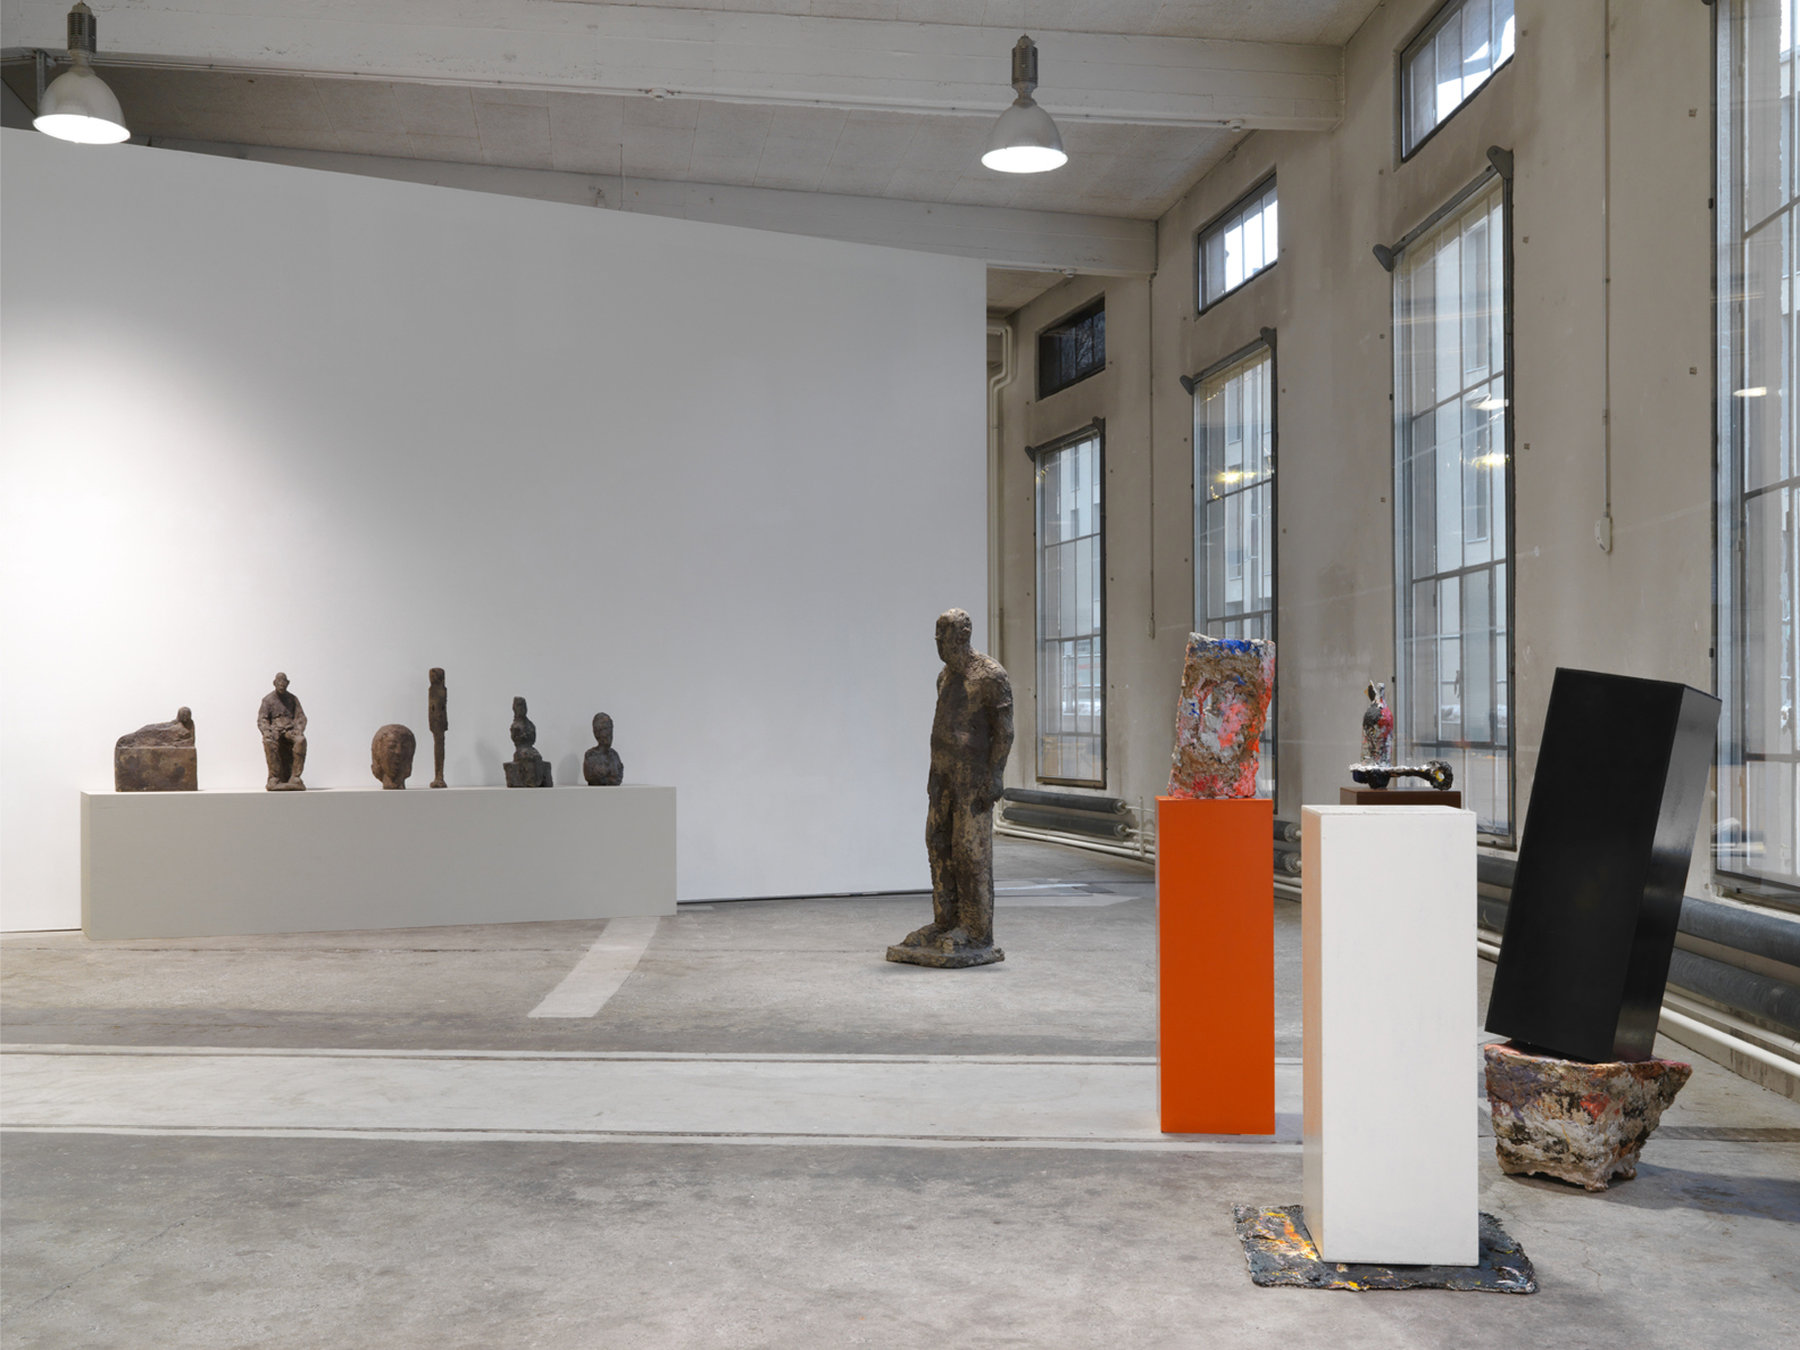 25_Installationsansicht_StGallen_Foto_Stefan_Altenburger